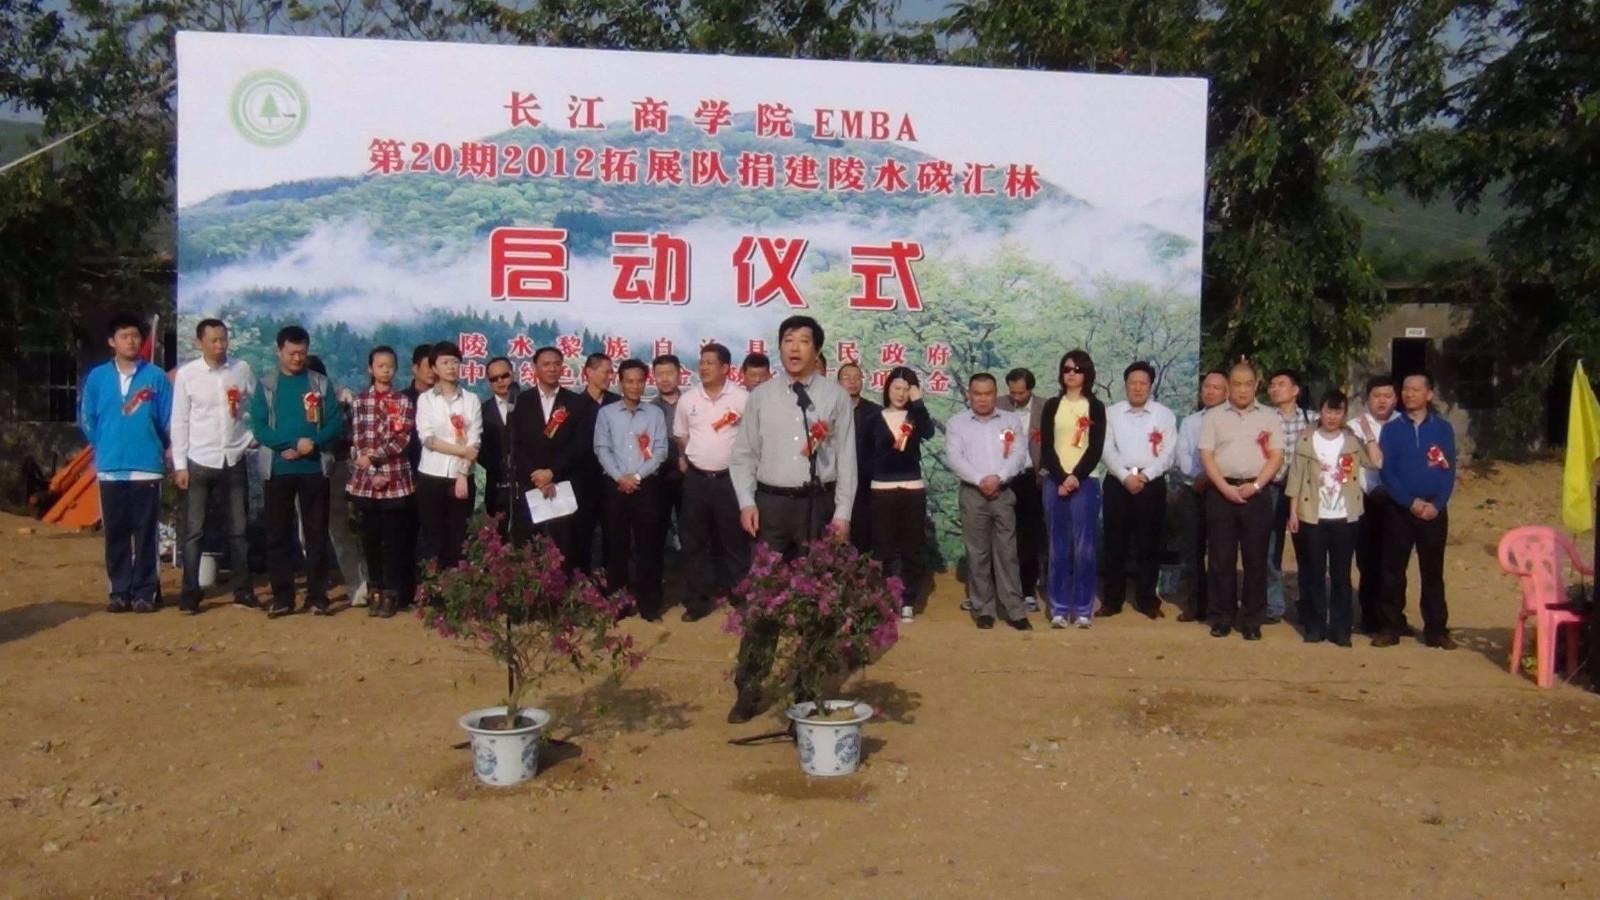 长江商学院EMBA第20期2010拓展队捐建活动